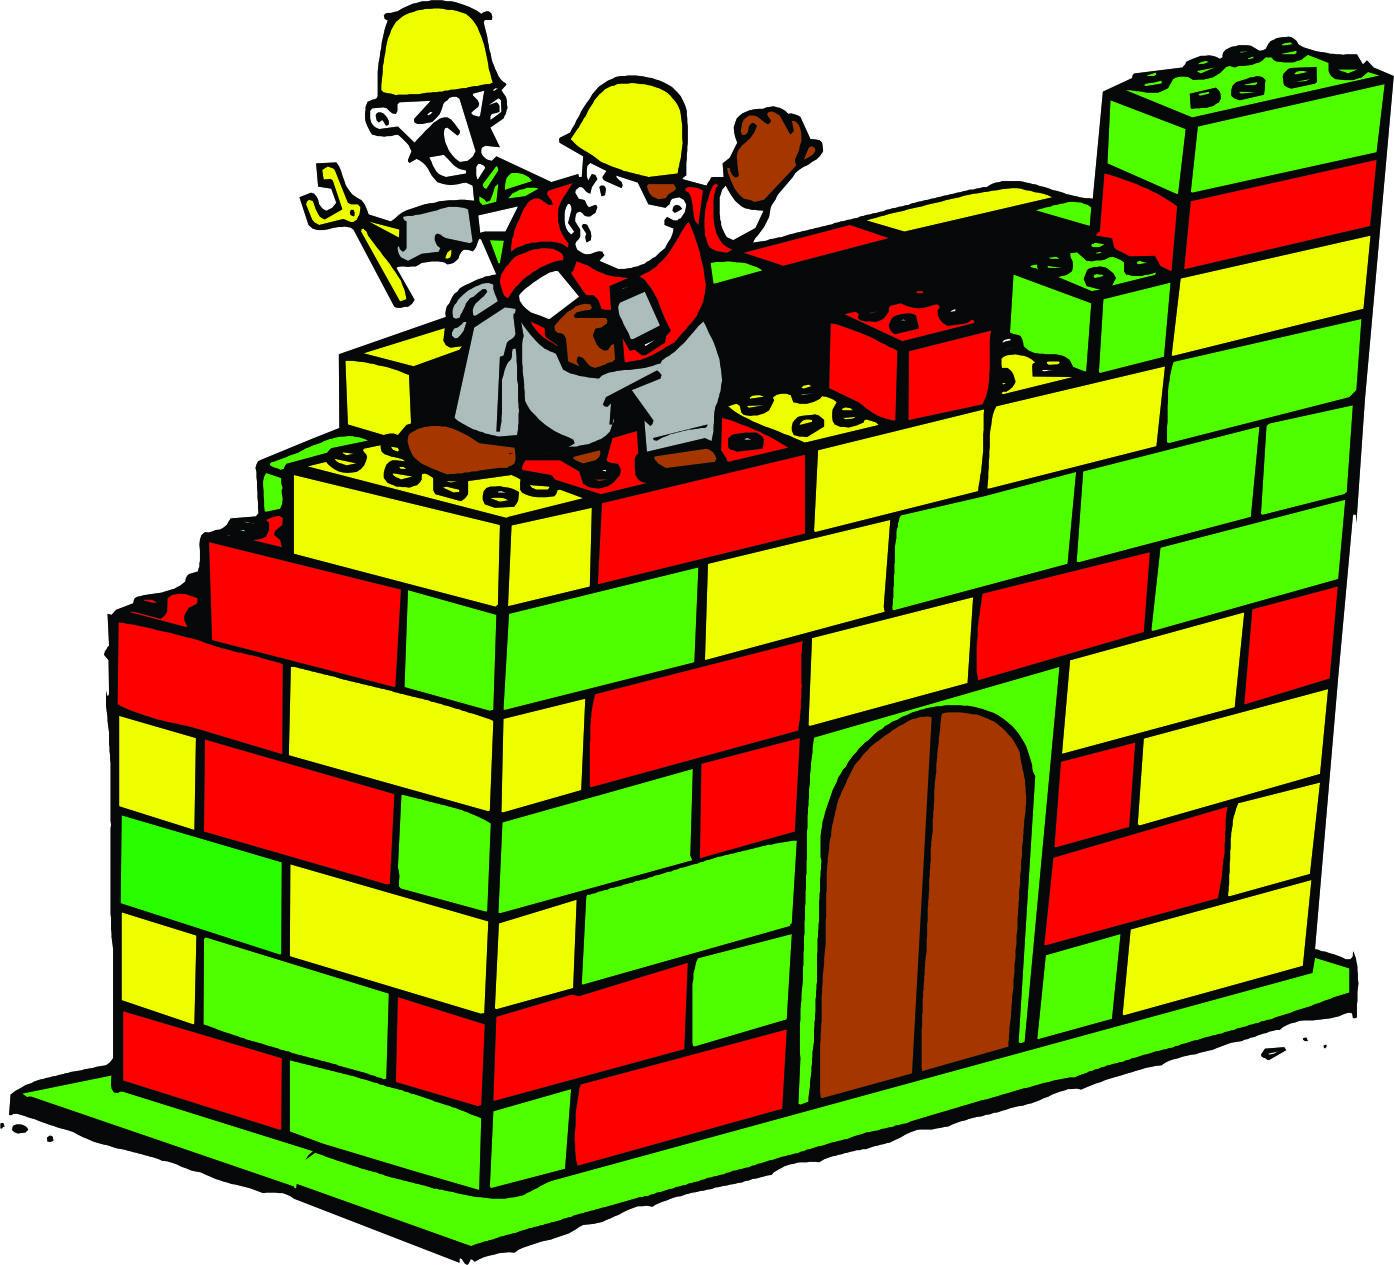 Lego wikiclipart . Legos clipart cartoon